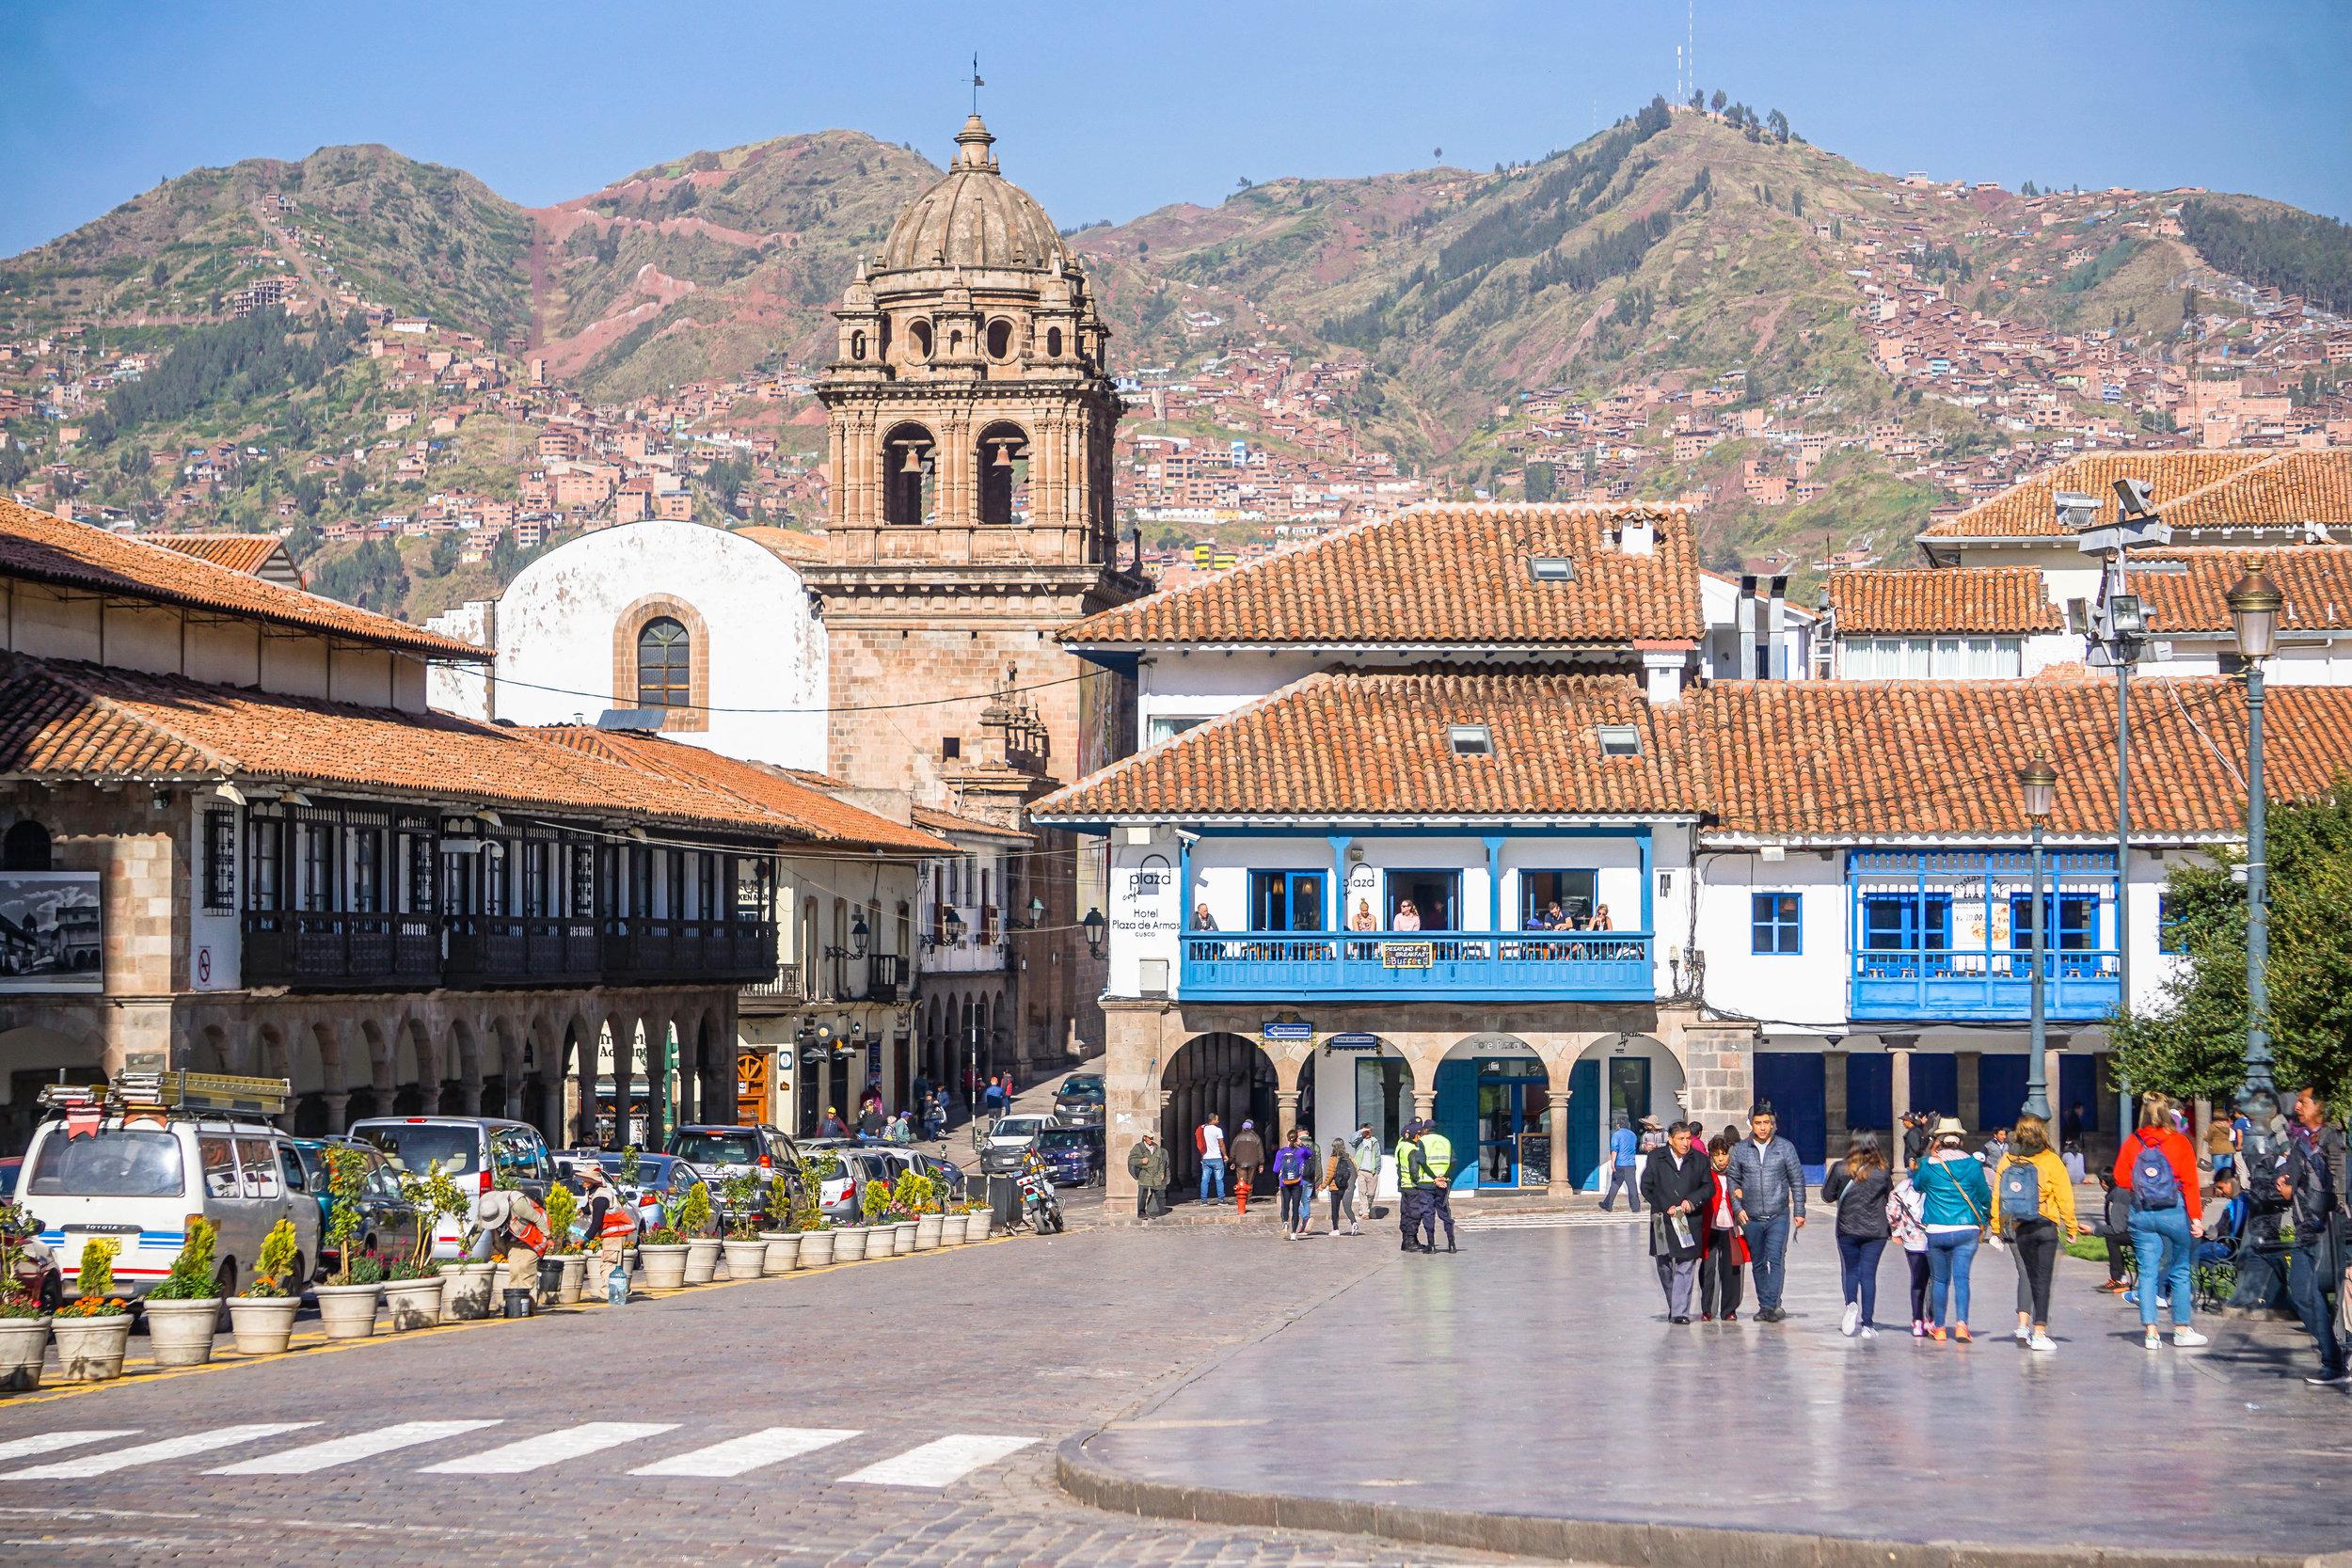 Plaza del Armas in Cusco, Peru